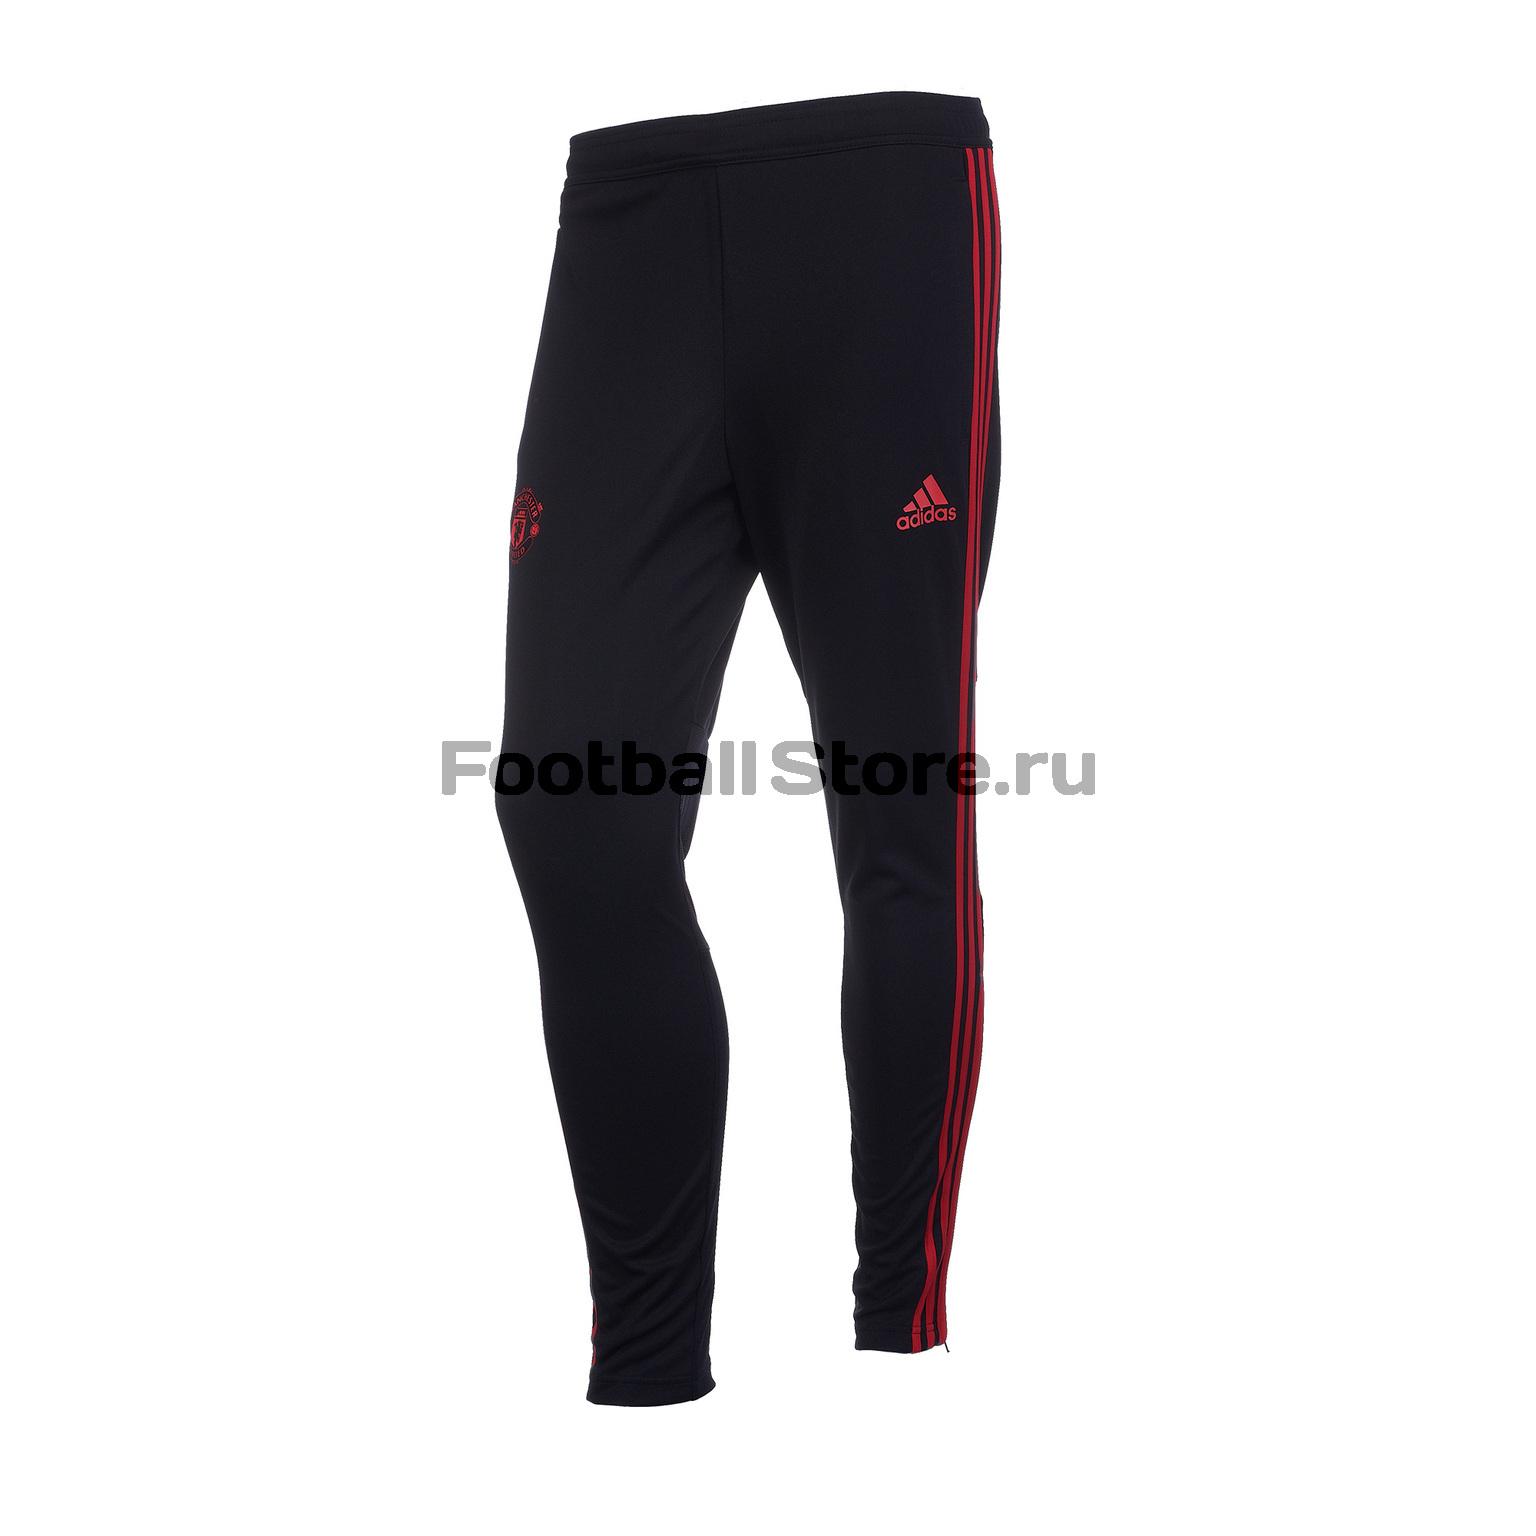 Брюки тренировочные Adidas Manchester United CW7614 цена